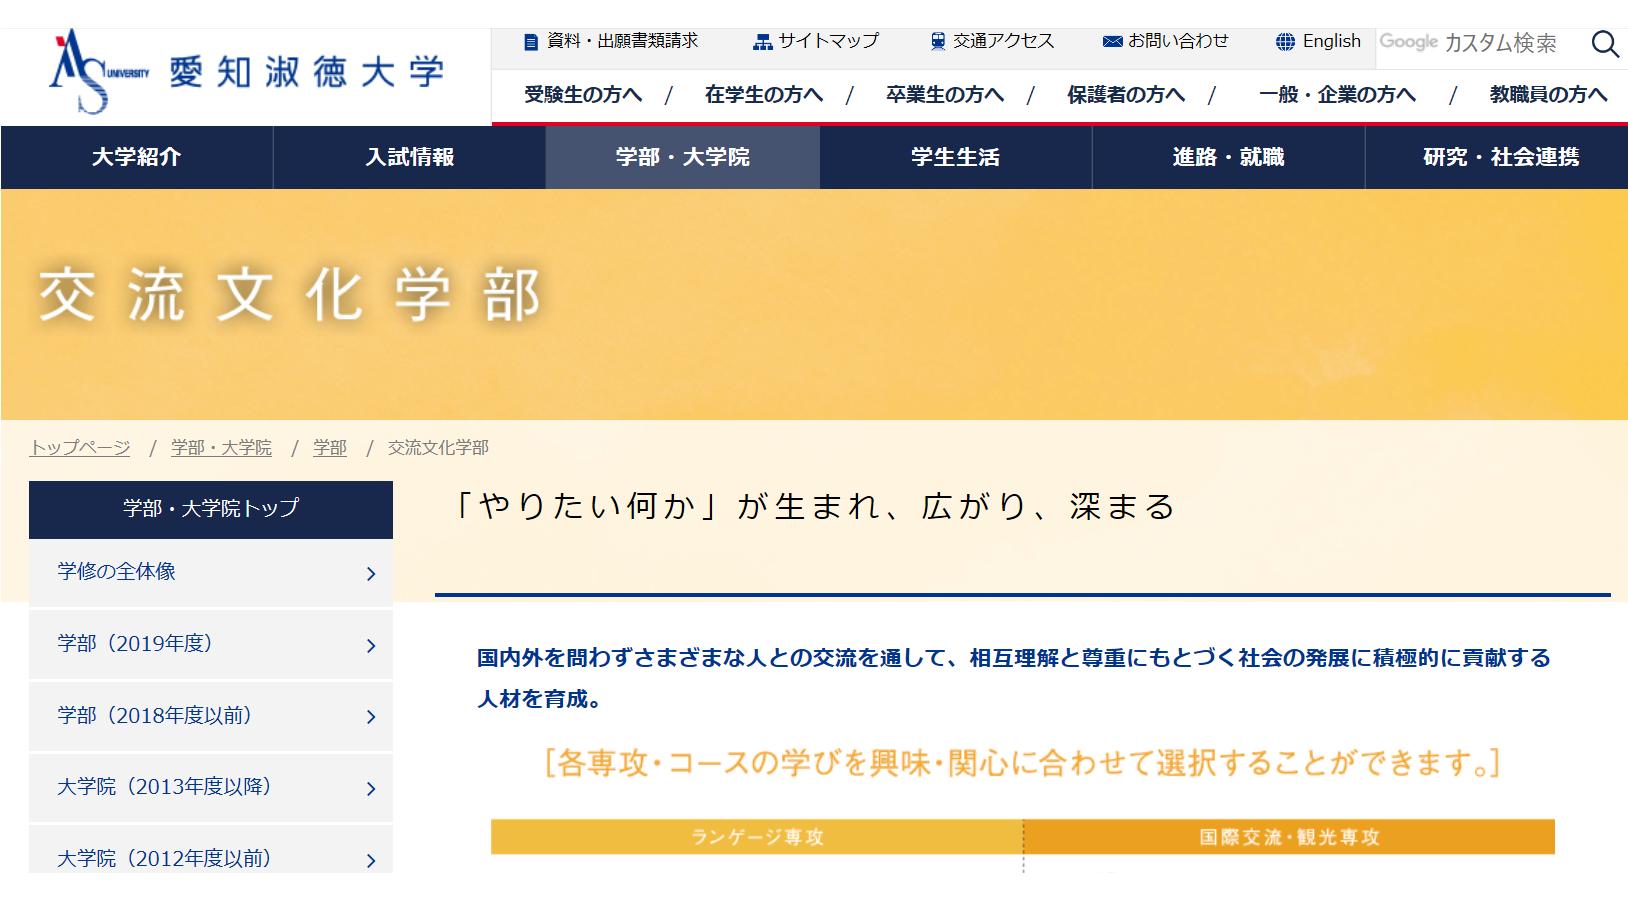 愛知淑徳大学の評判・口コミ【交流文化学部編】